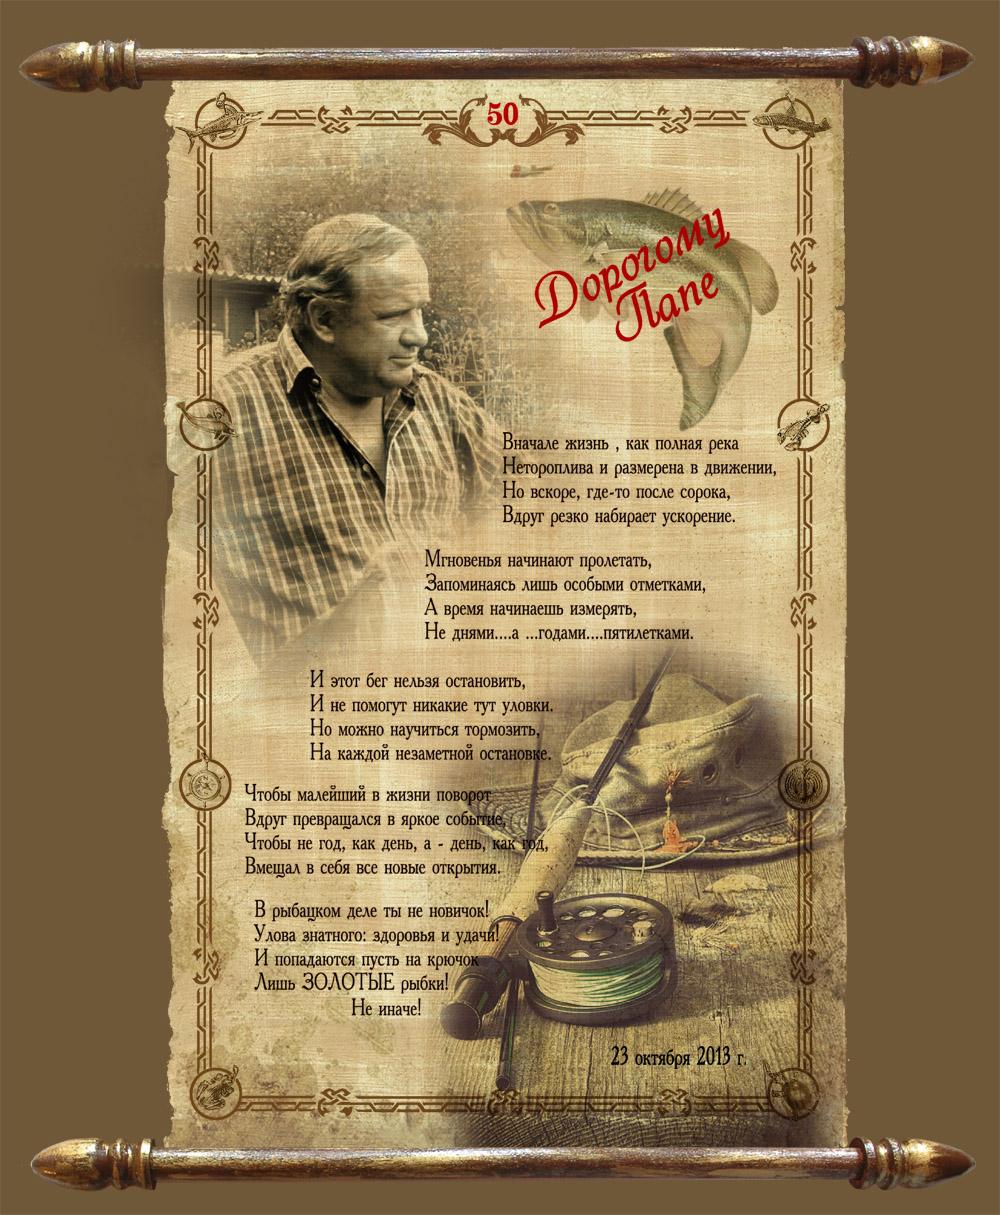 с днем рождения стихи рыбаку